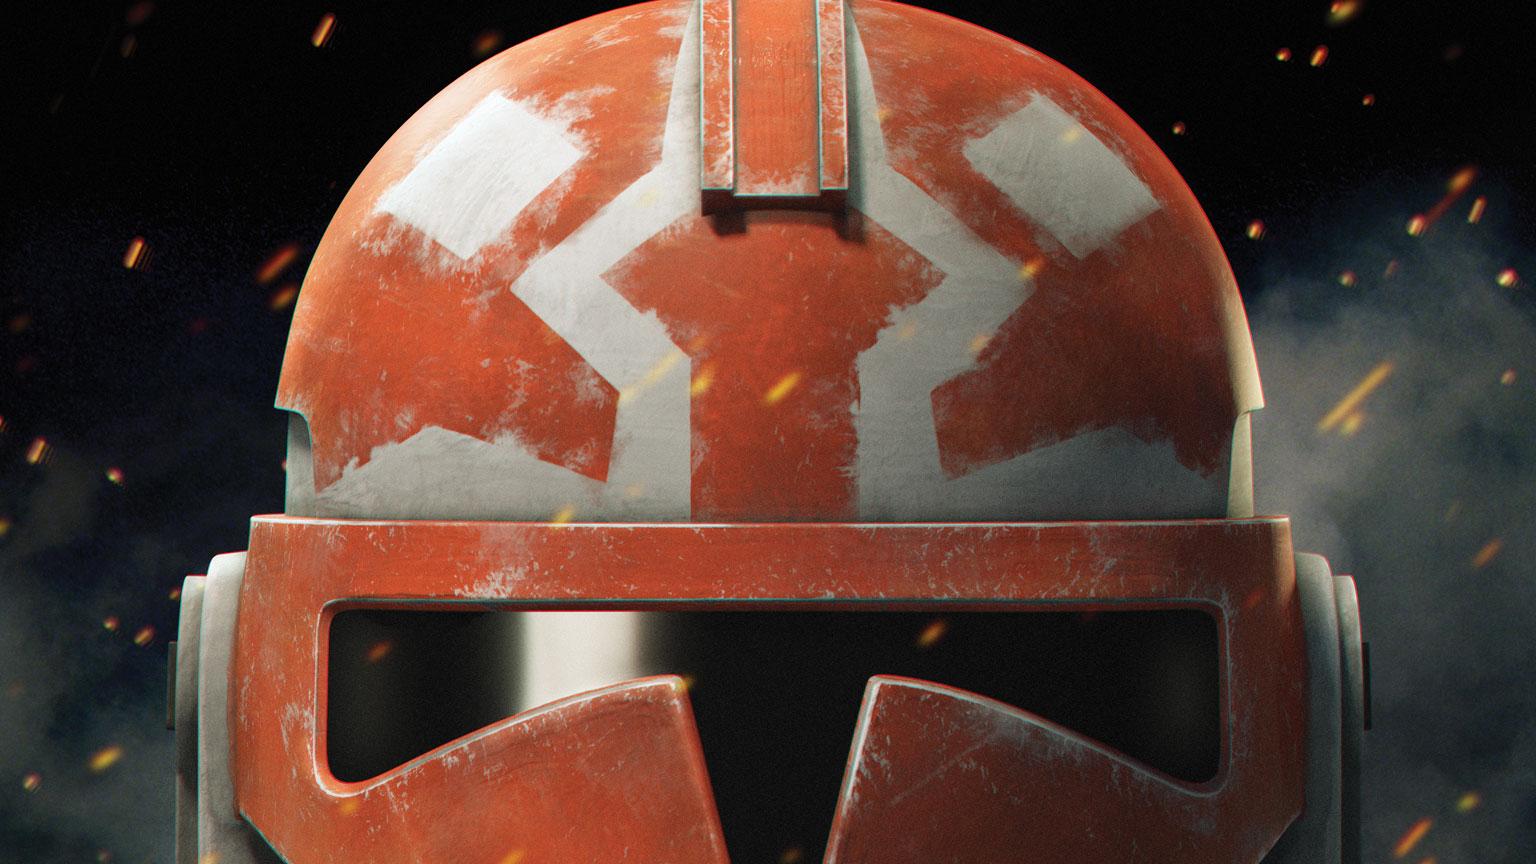 In arrivo una nuova stagione di Star Wars: The Clone Wars thumbnail